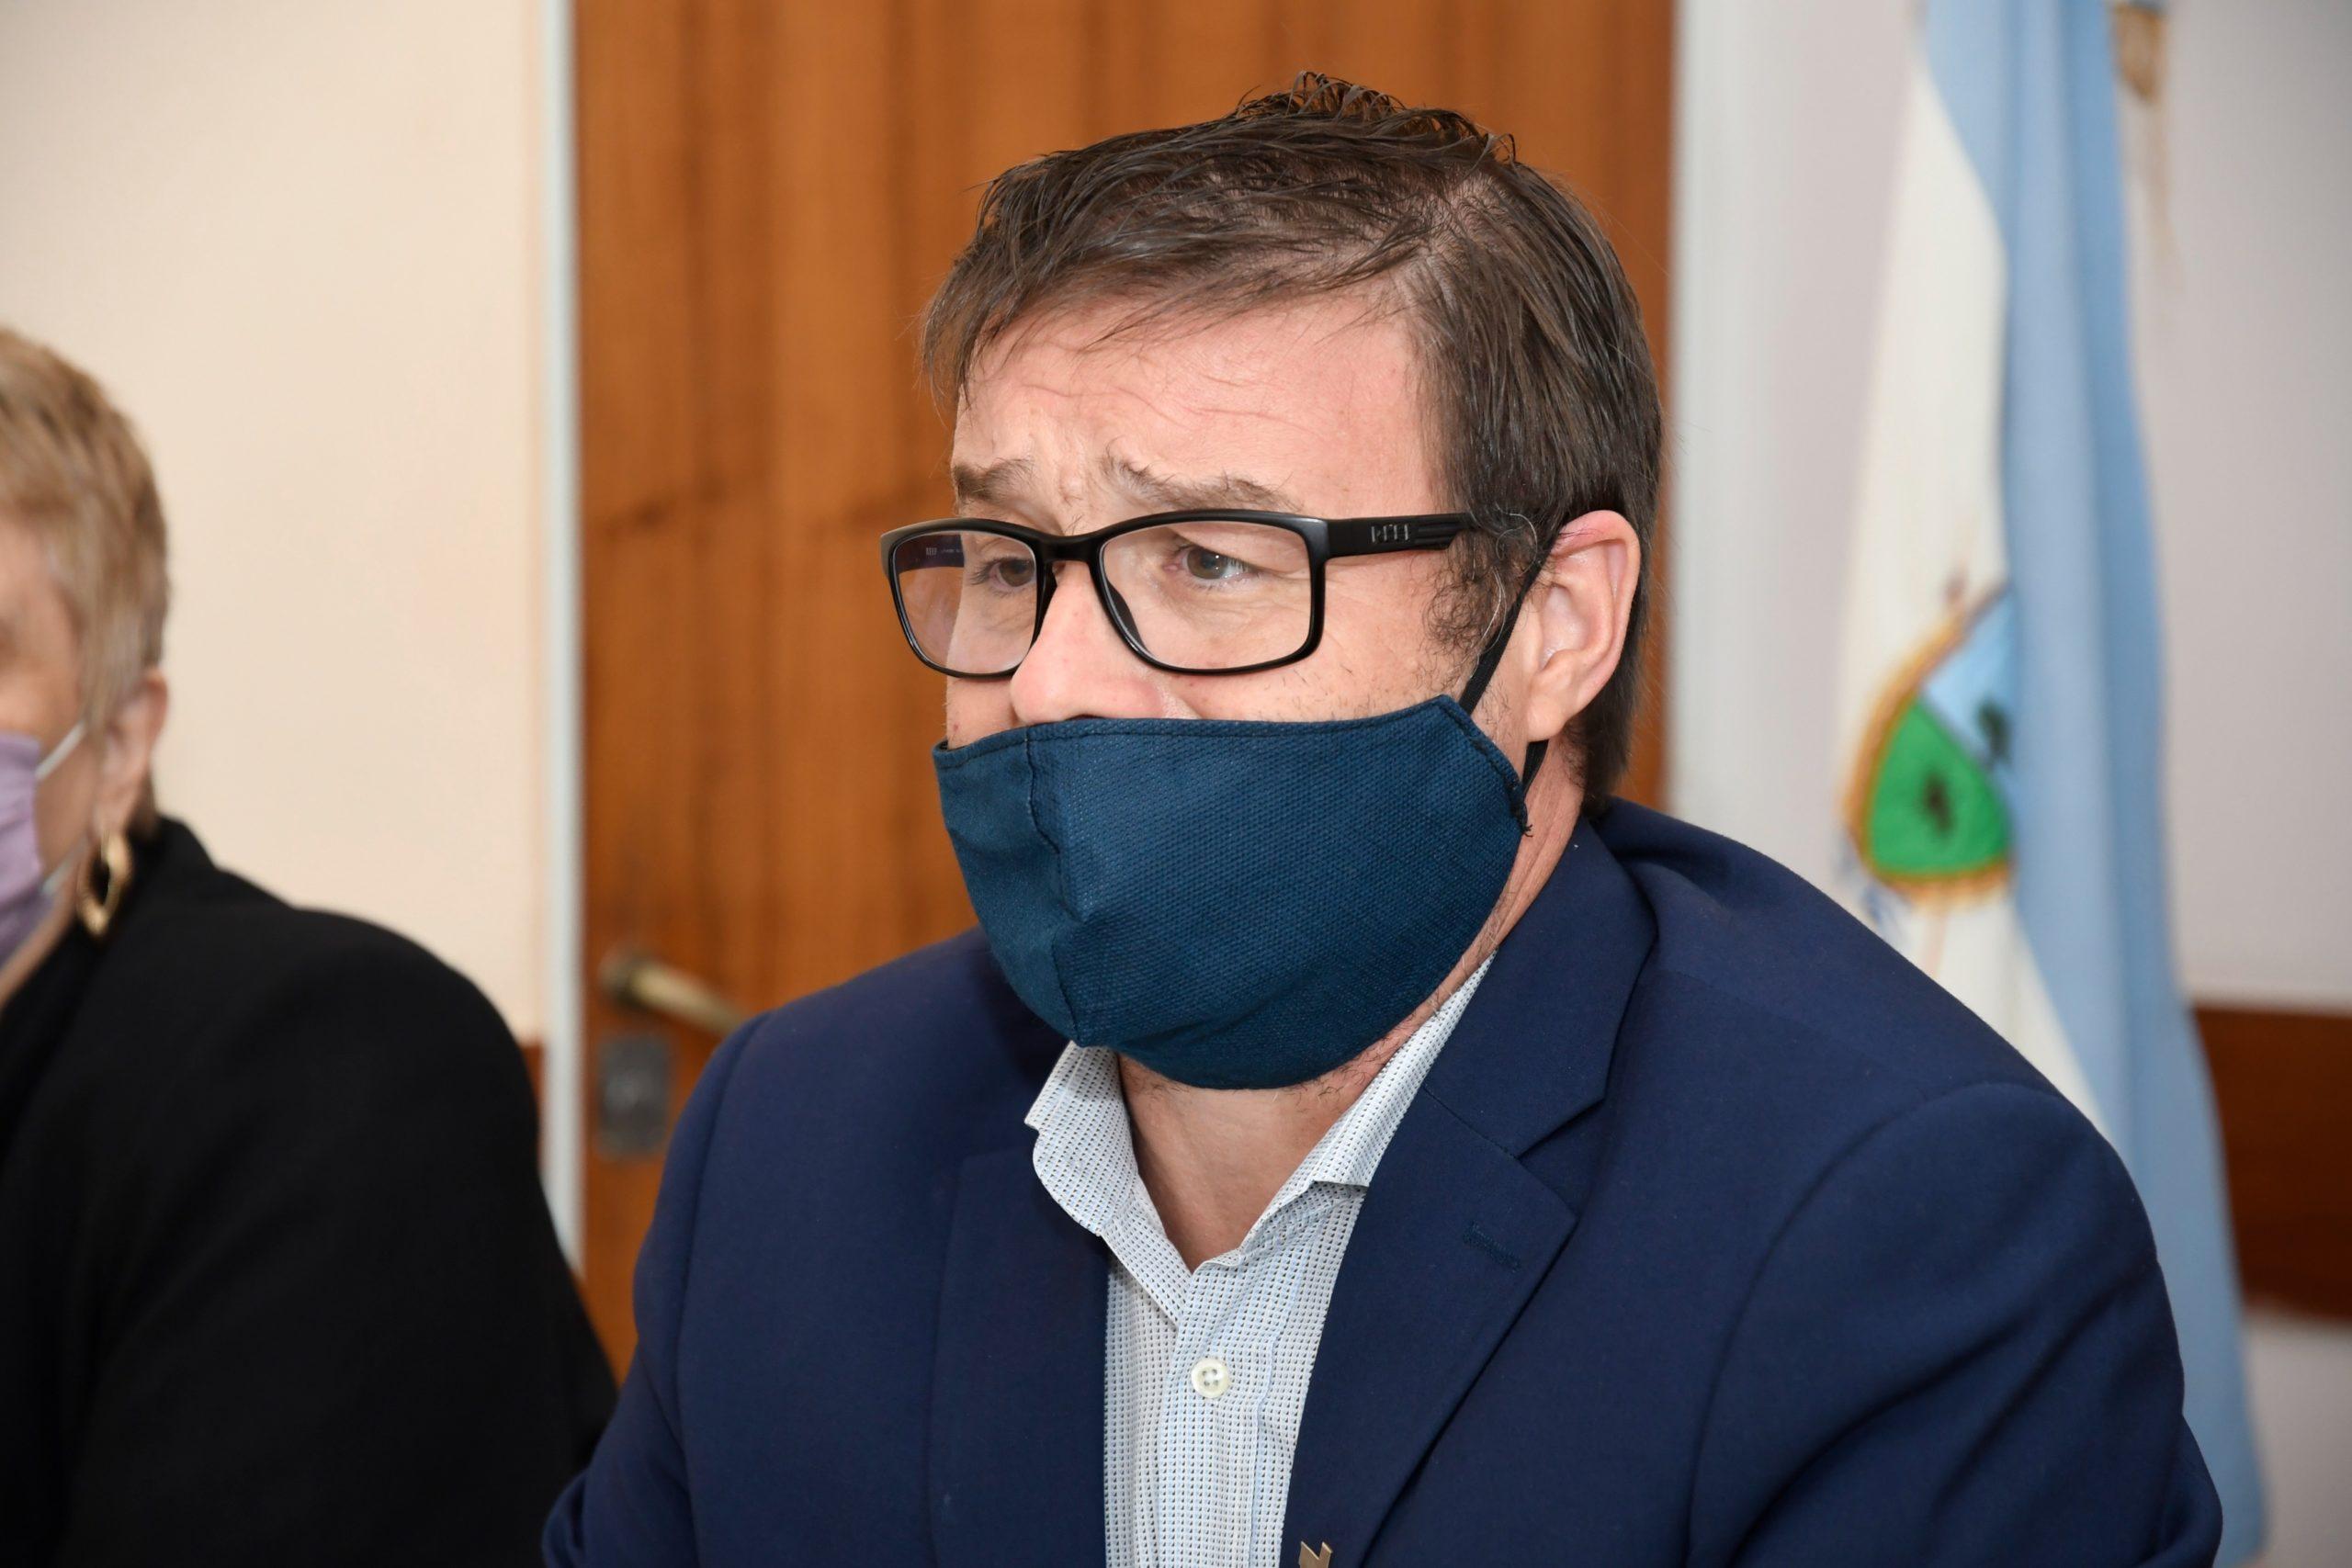 El Ministro de Educación de La Pampa confirmó que las escuelas podrán hacer uso de las calefacciones y que no se suspenderán las clases por una ola de frío